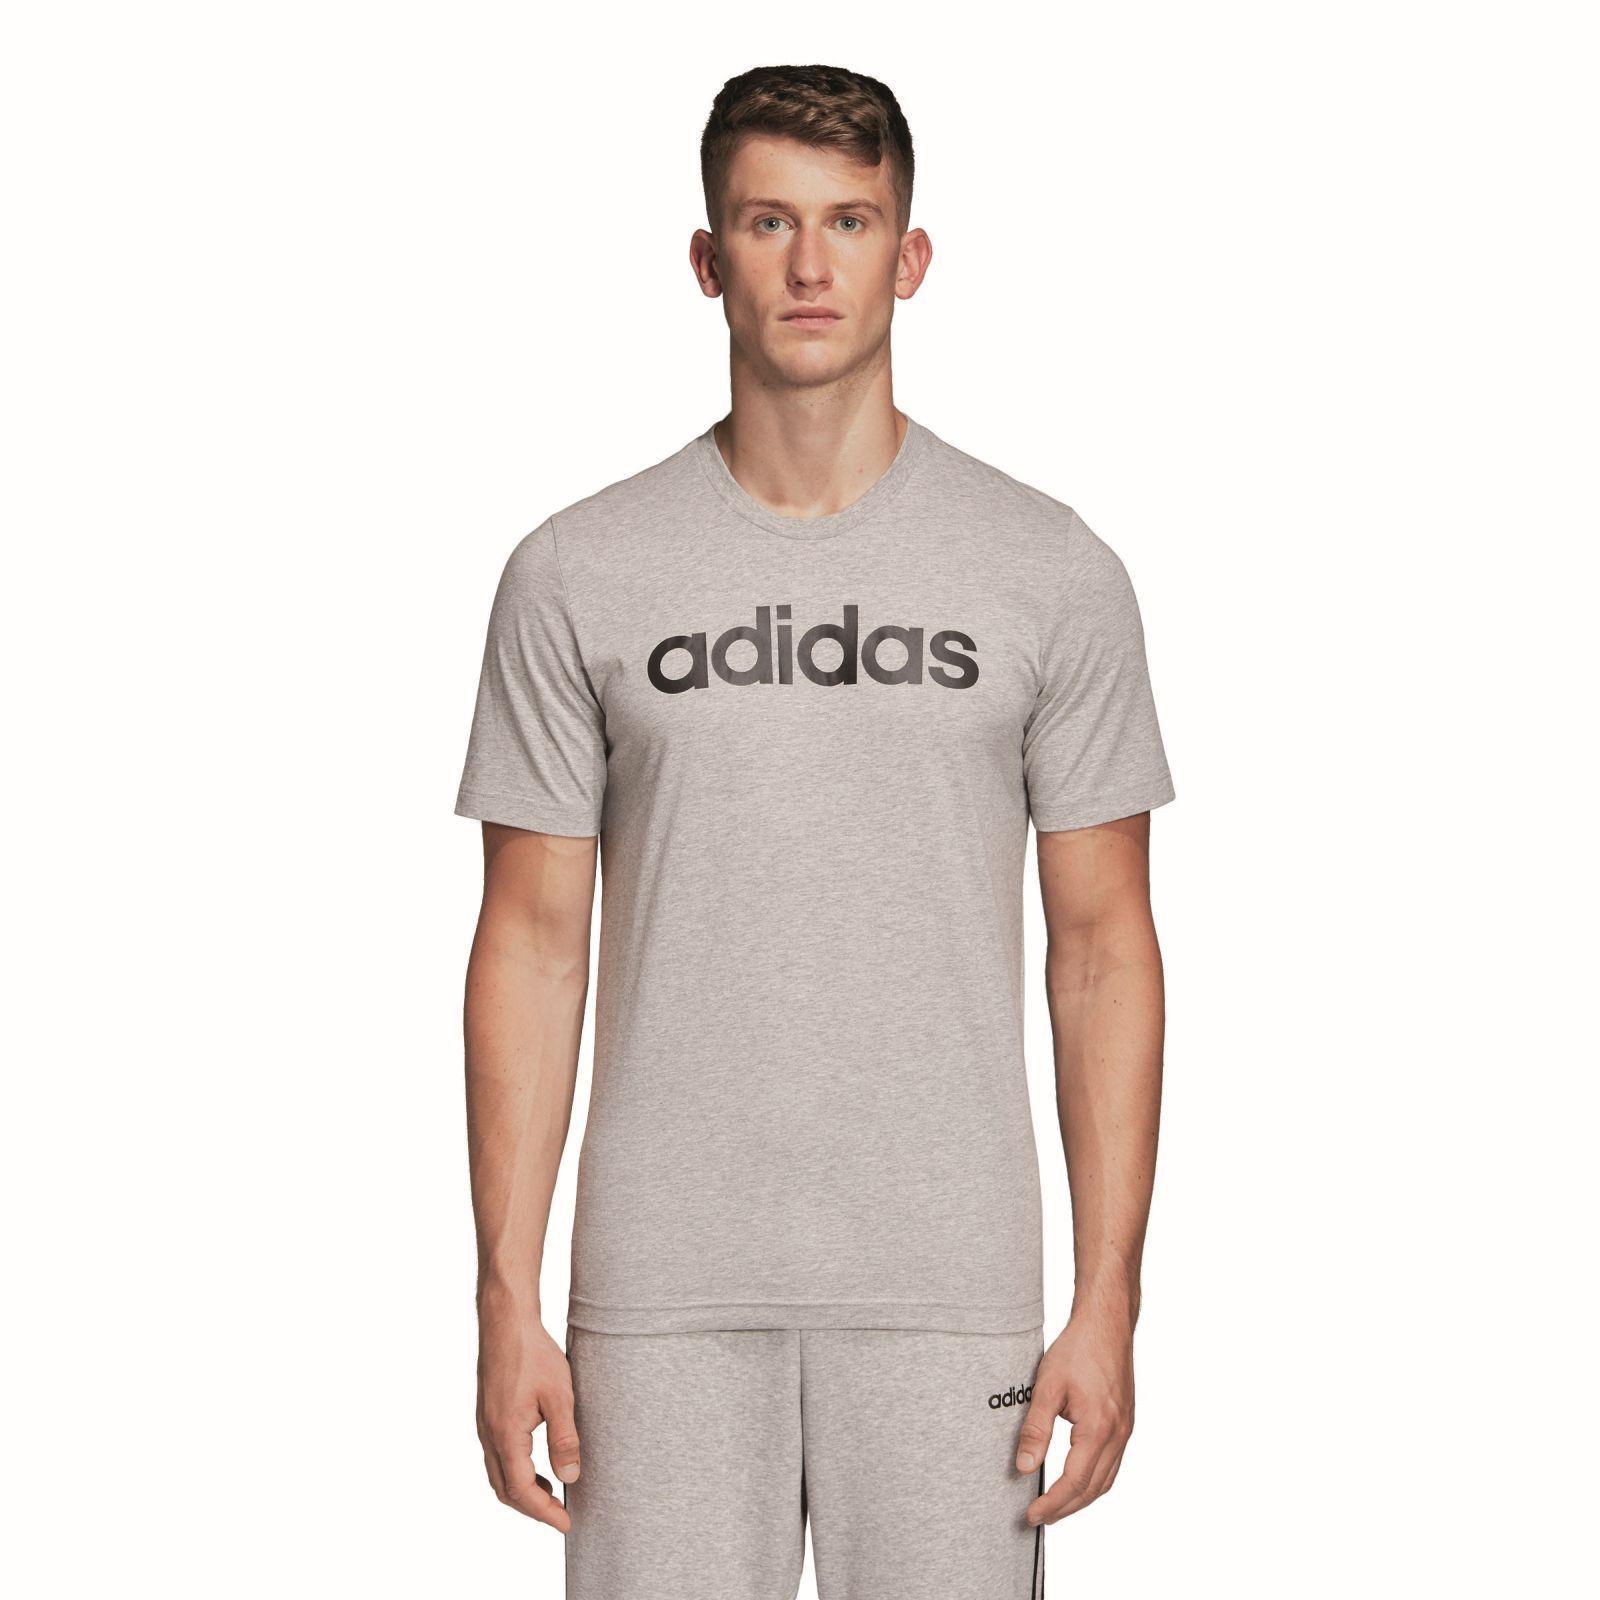 adidas shirt herren